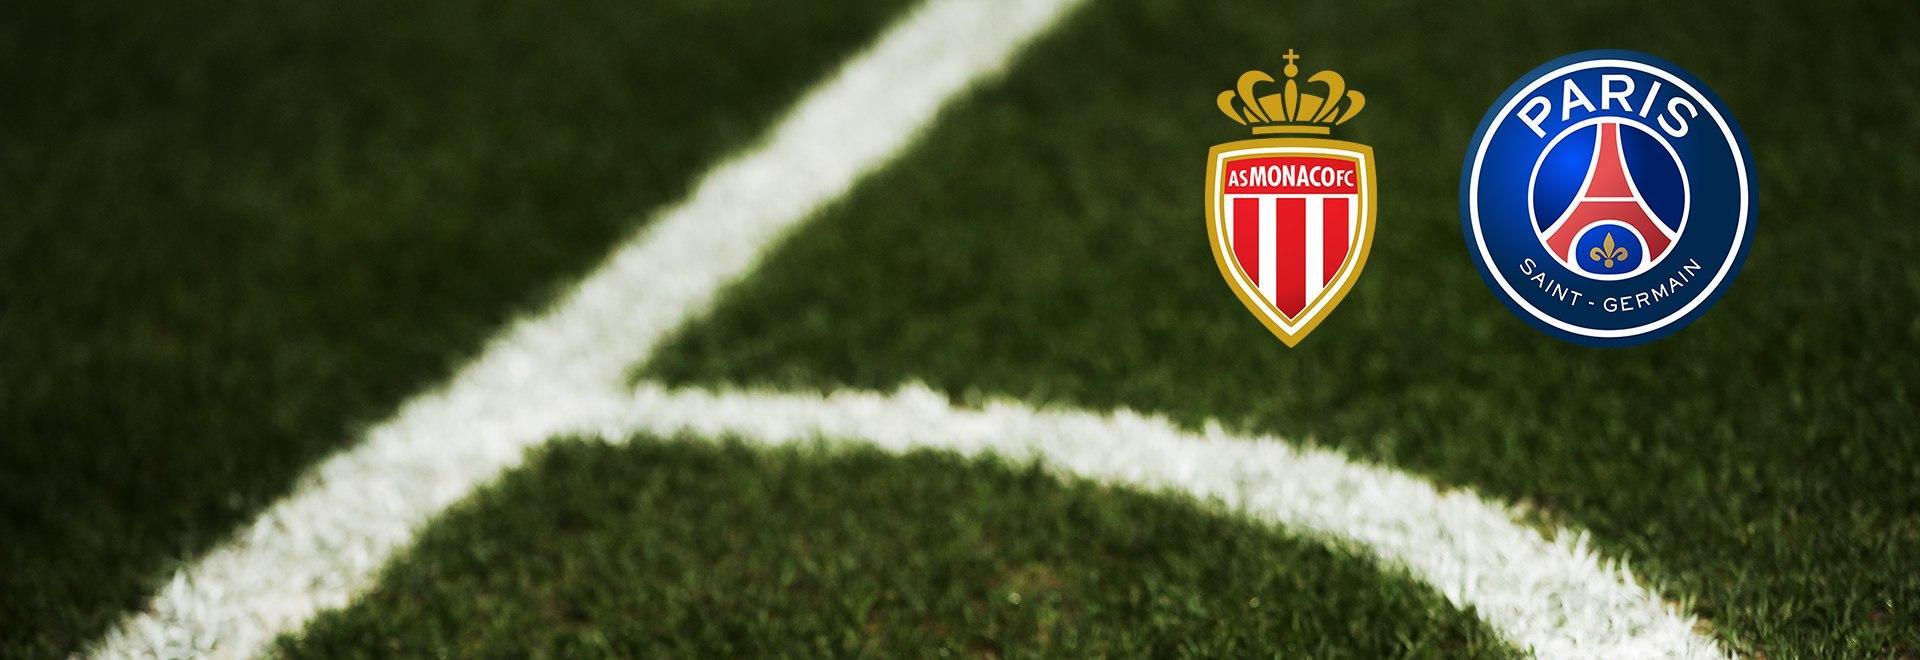 Monaco - PSG. 15a g.